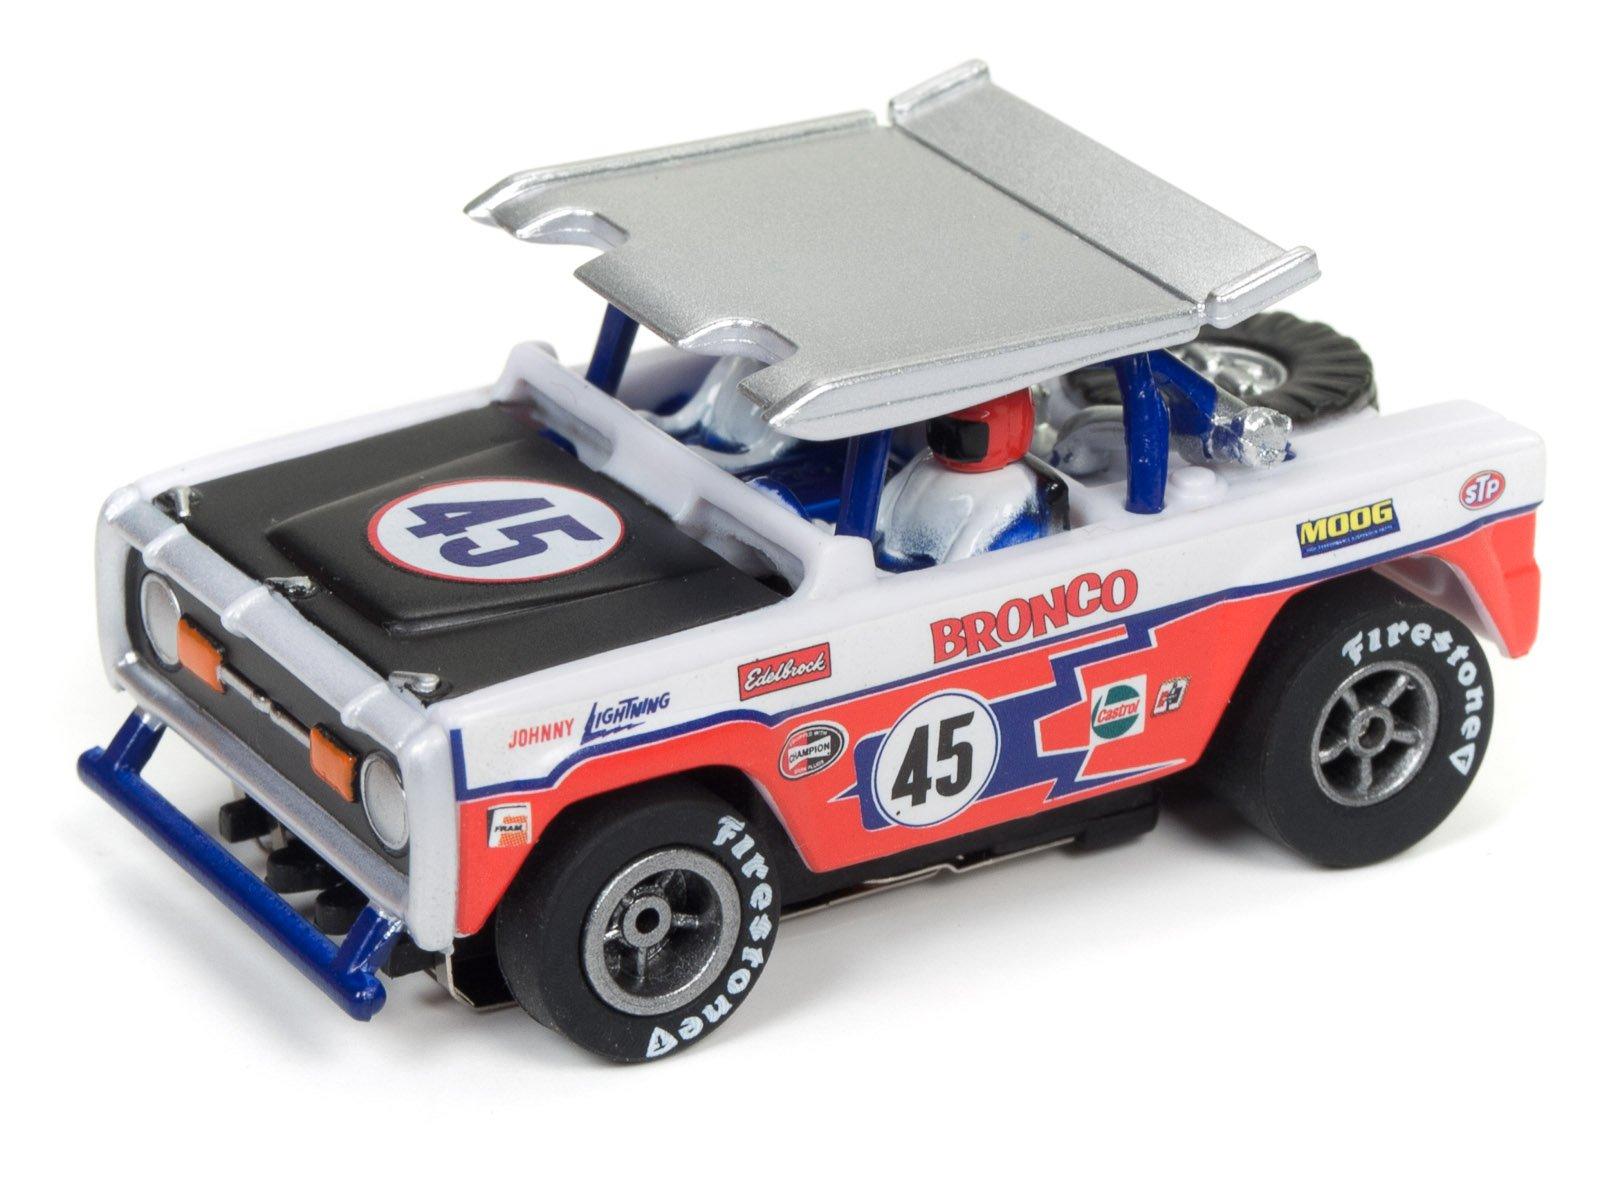 Auto World SRS322 14′ Baja Broncos Off-Road Challenge Slot Car Set by TeamWorks (Image #4)